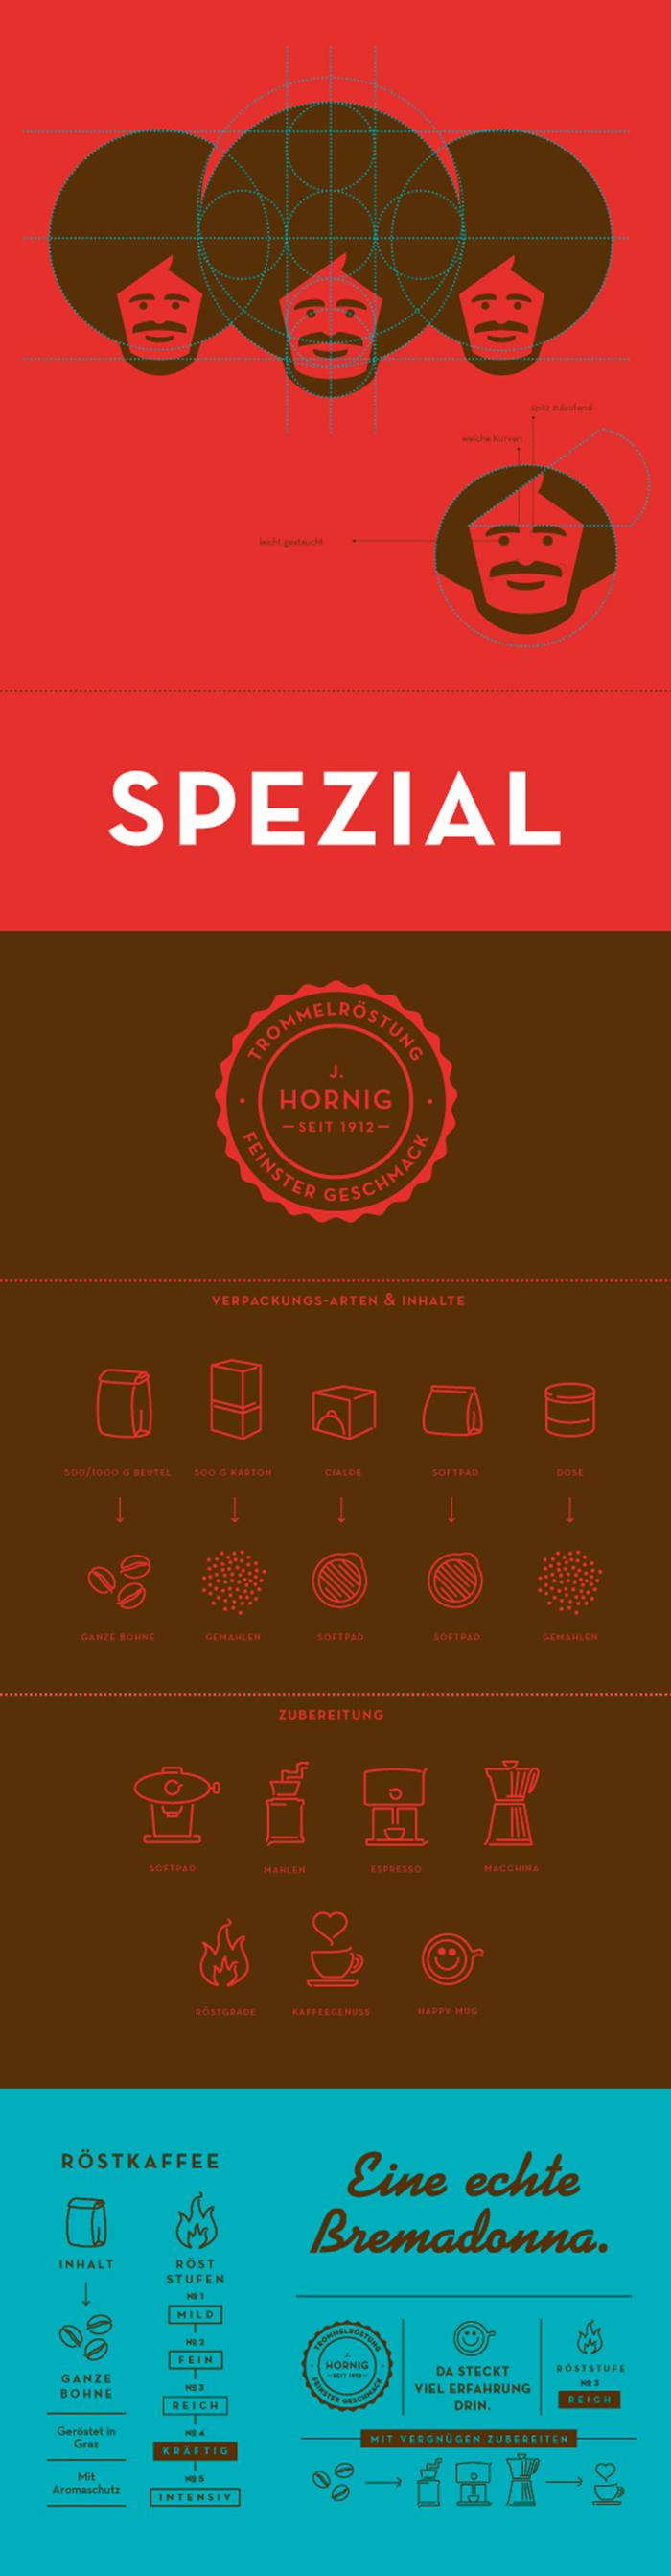 J. Hornig20